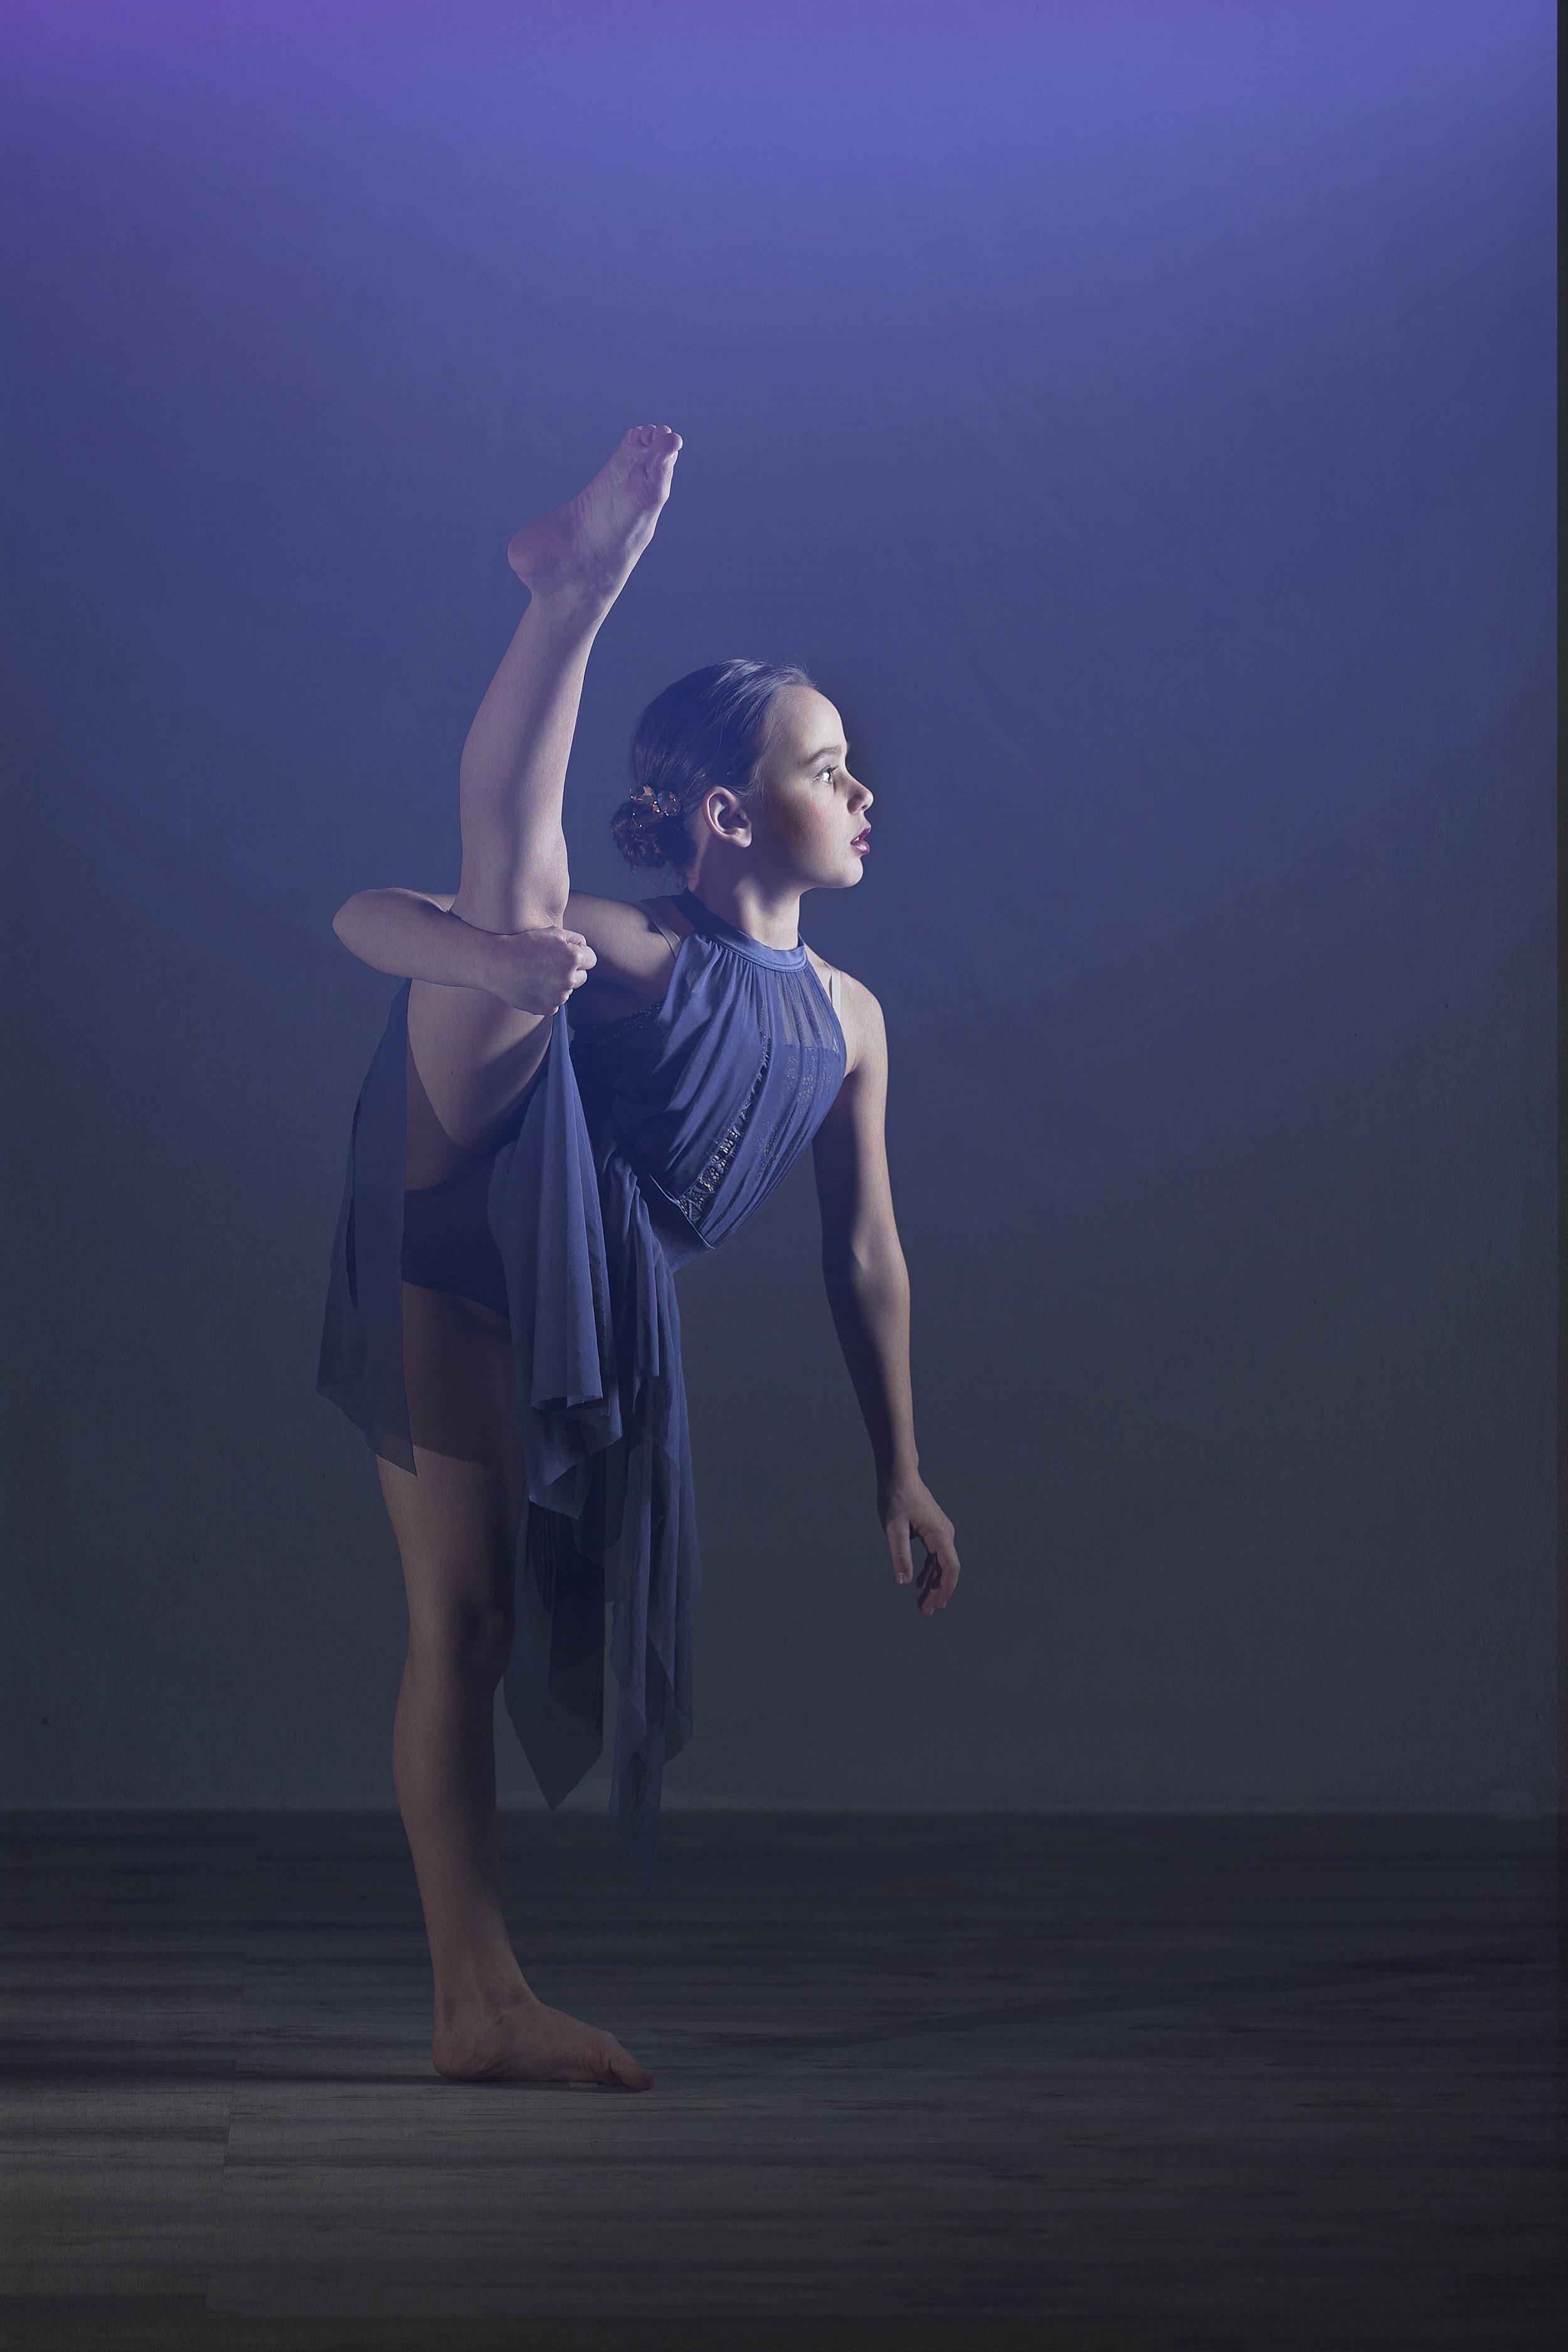 2019-03-18 Dancer Kode Duke.jpg